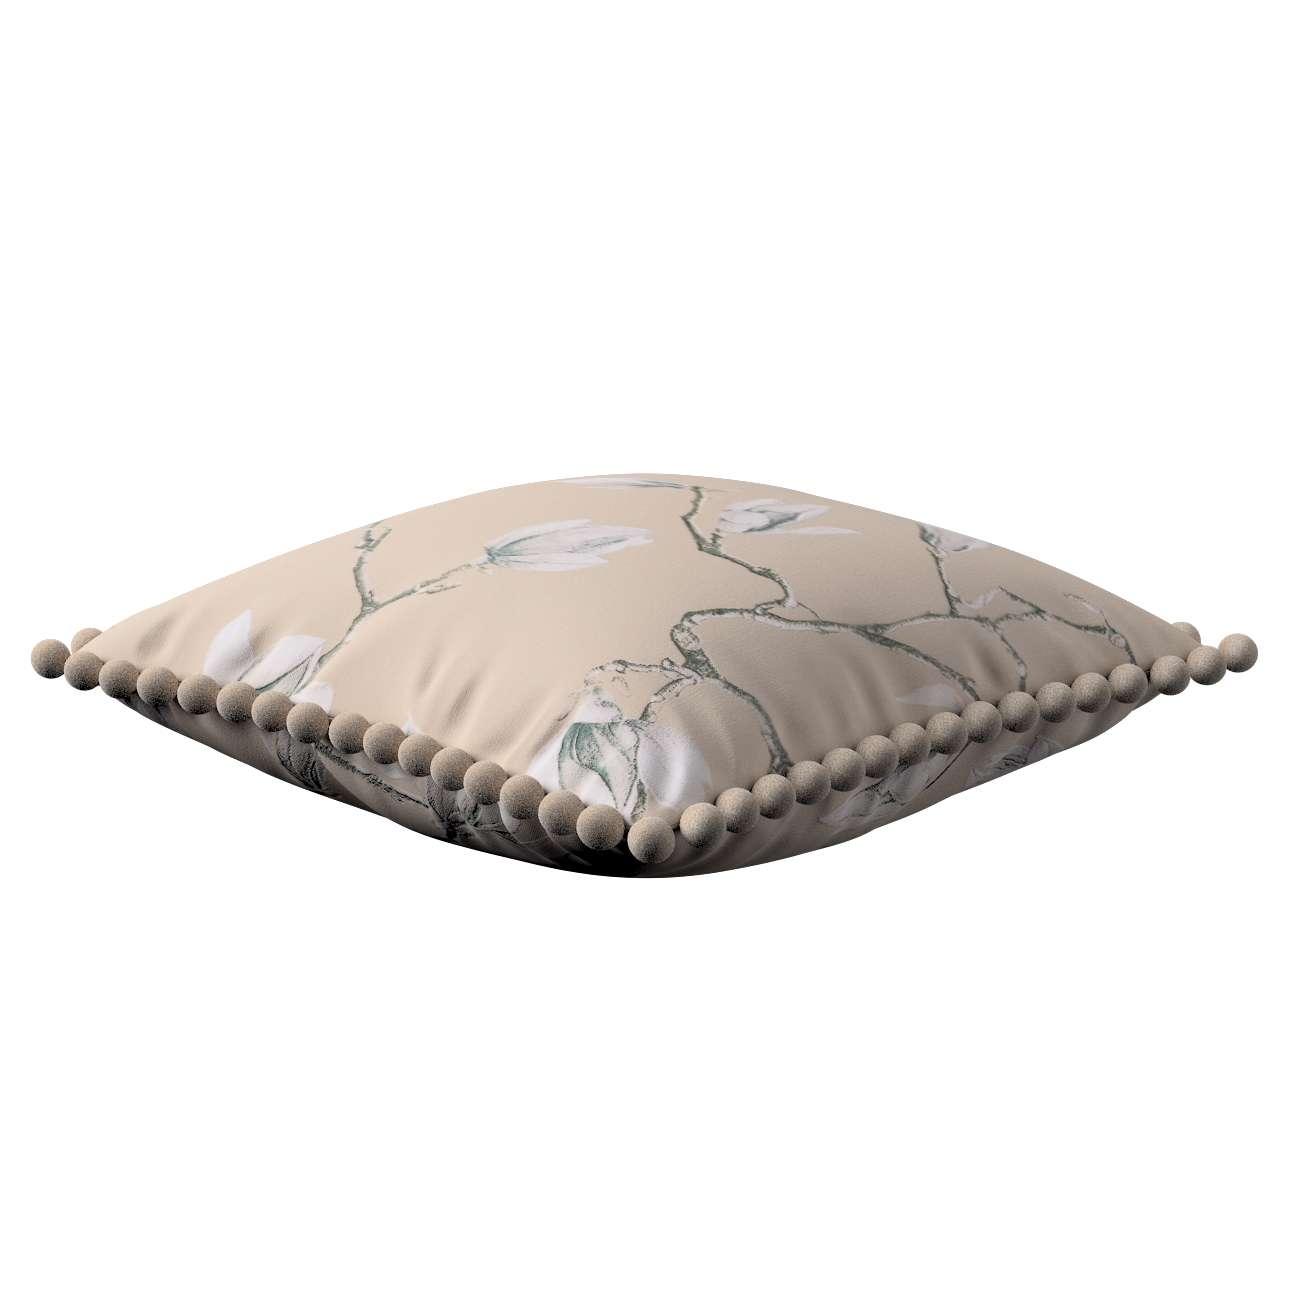 Wera dekoratyvinės pagalvėlės užvalkalas su žaismingais kraštais 45 x 45 cm kolekcijoje Flowers, audinys: 311-12